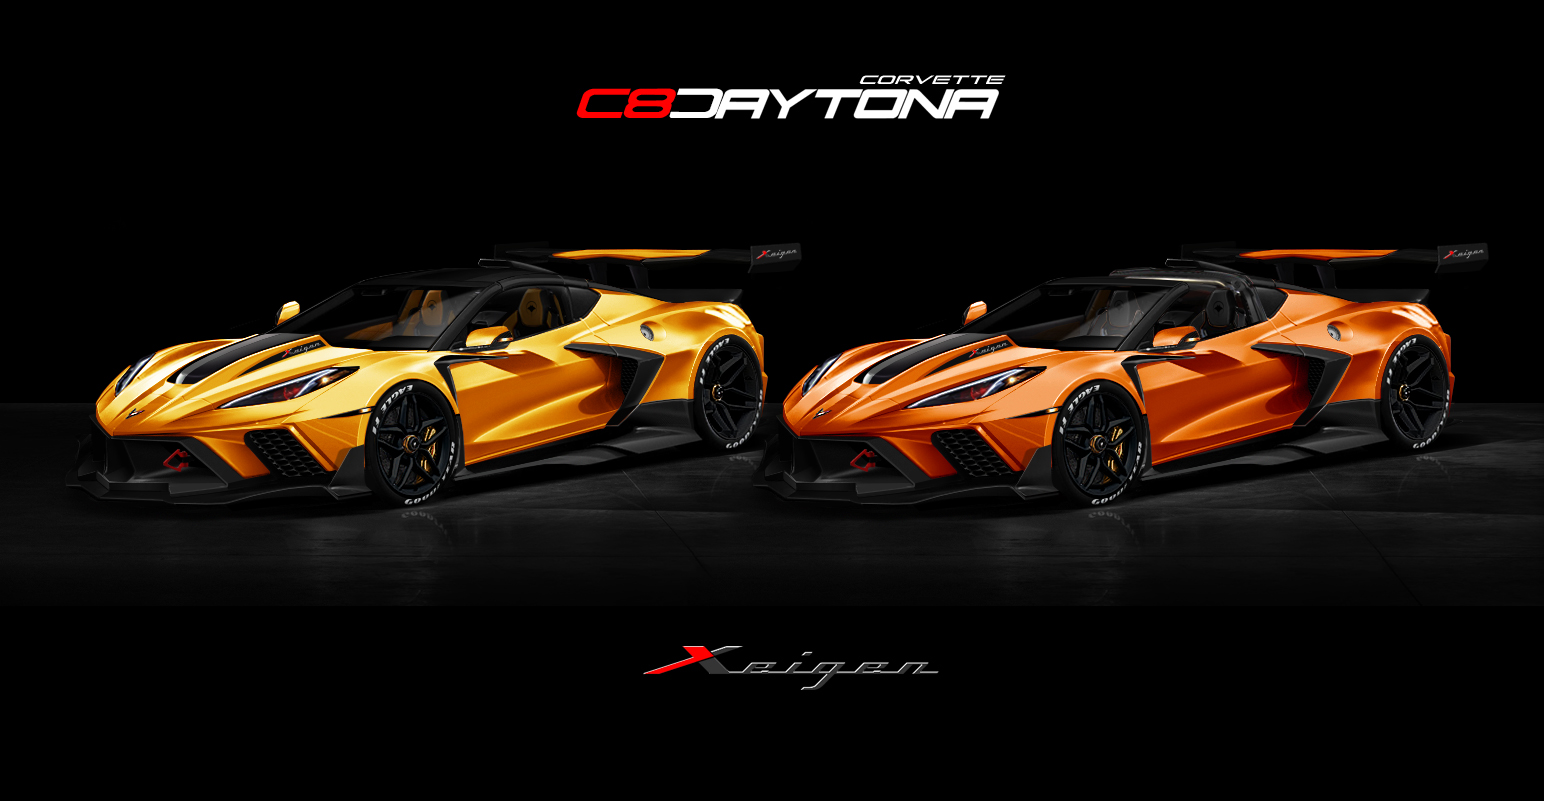 Chevrolet-Corvette-by-Xeigen-4